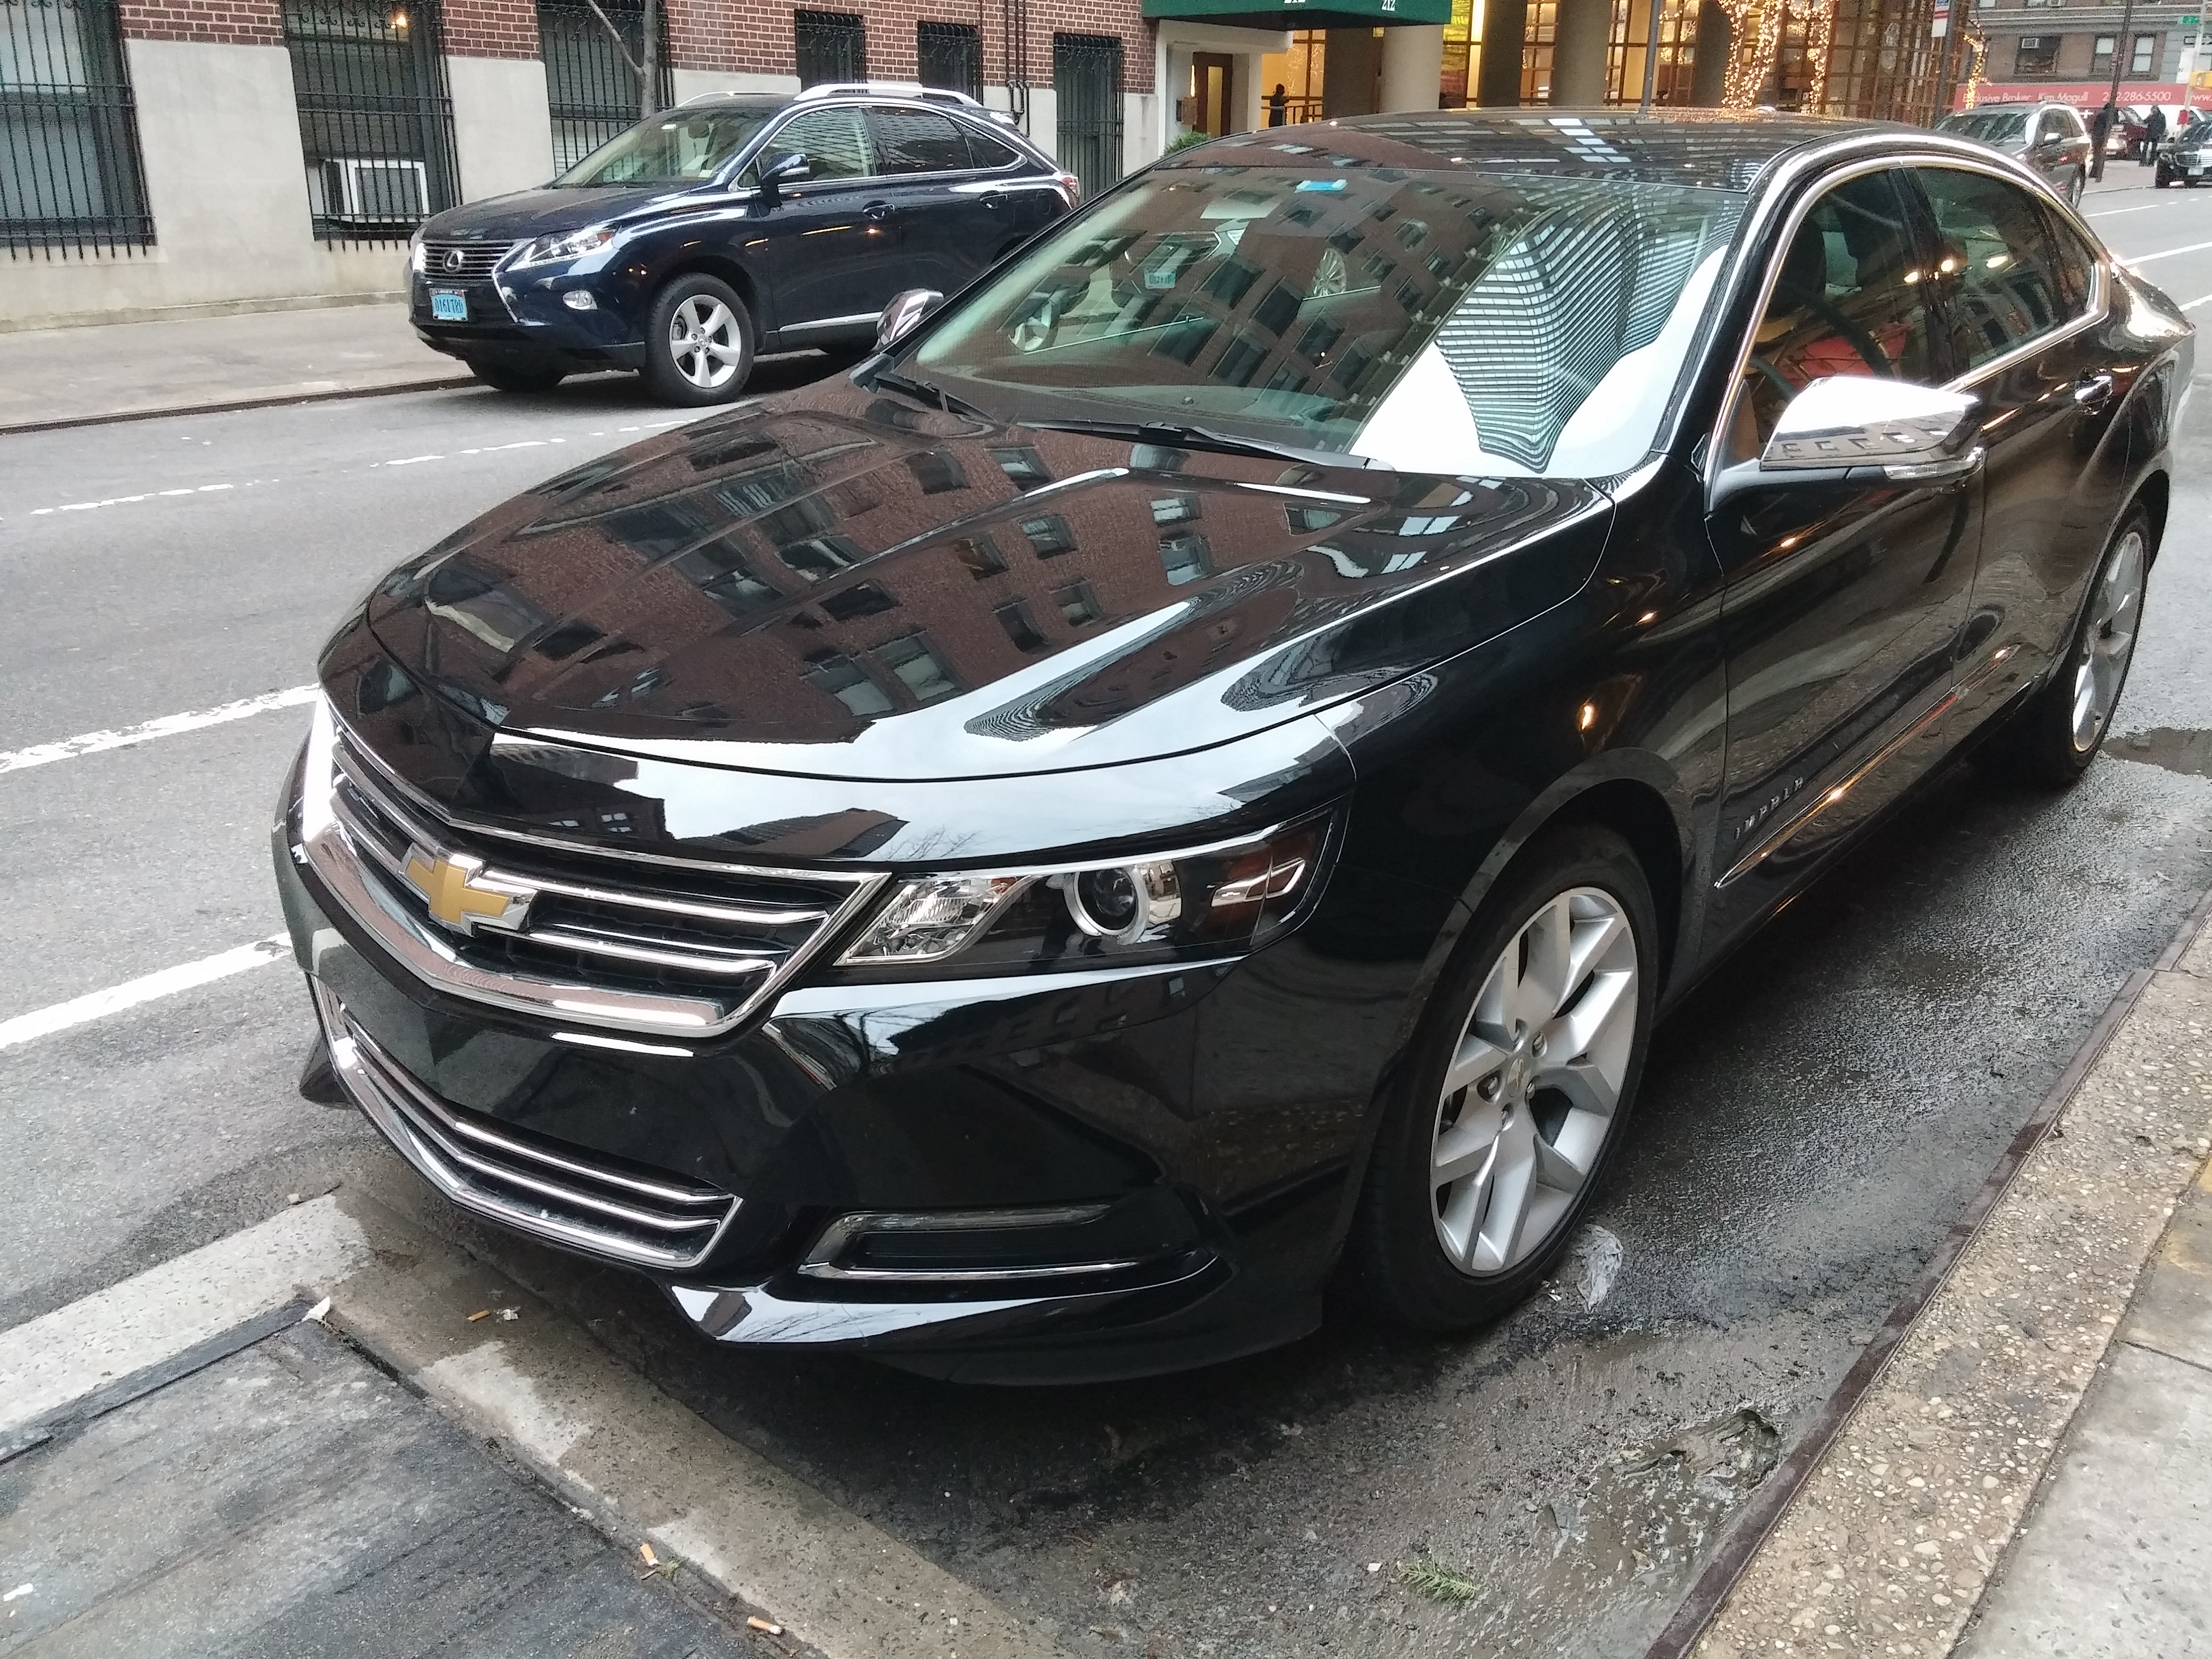 2015 Chevrolet Impala Reviews, Specs and Prices | Cars.com